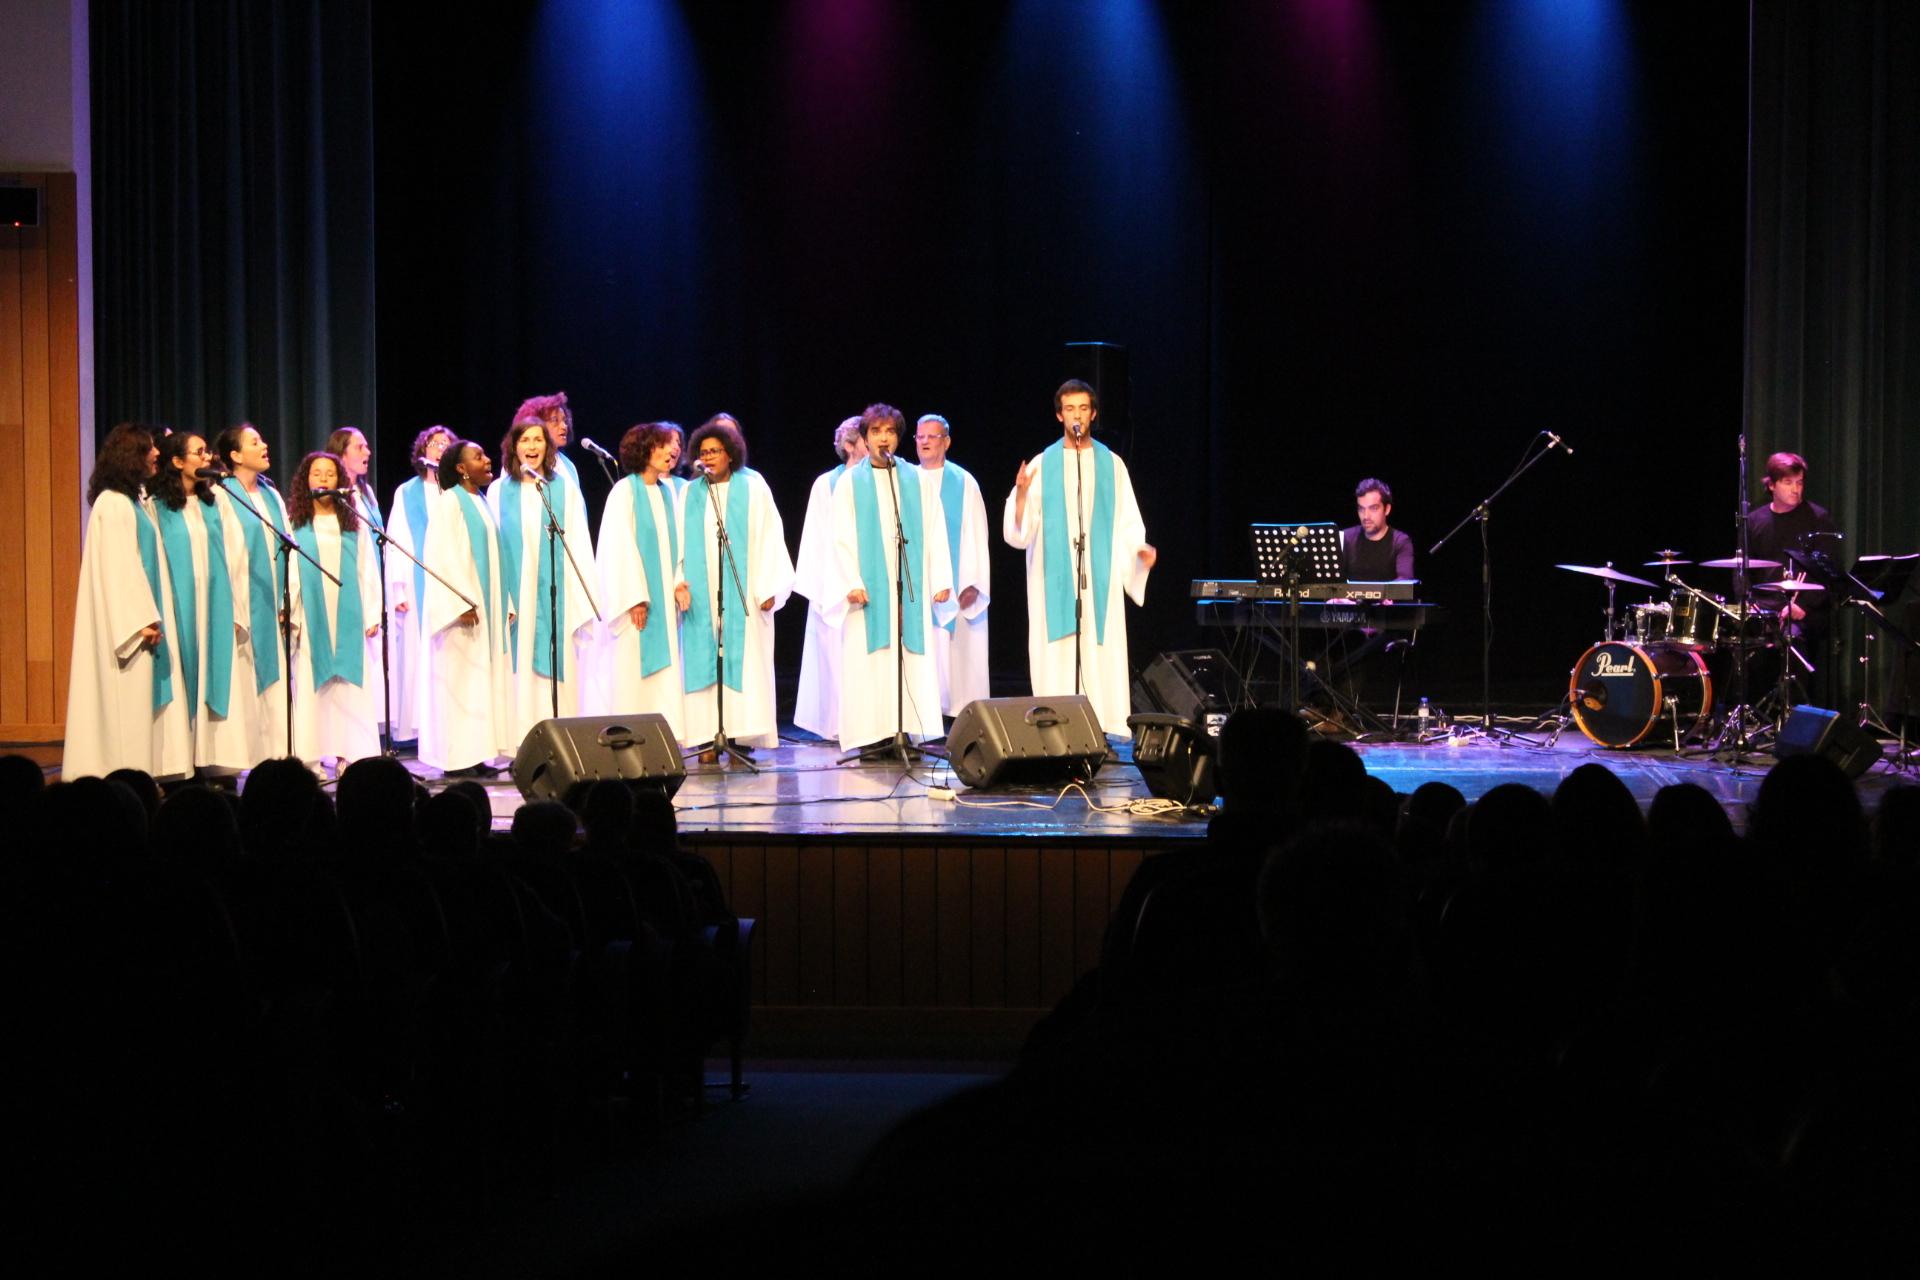 Música gospel dá início a ciclo de concertos natalícios em Macedo